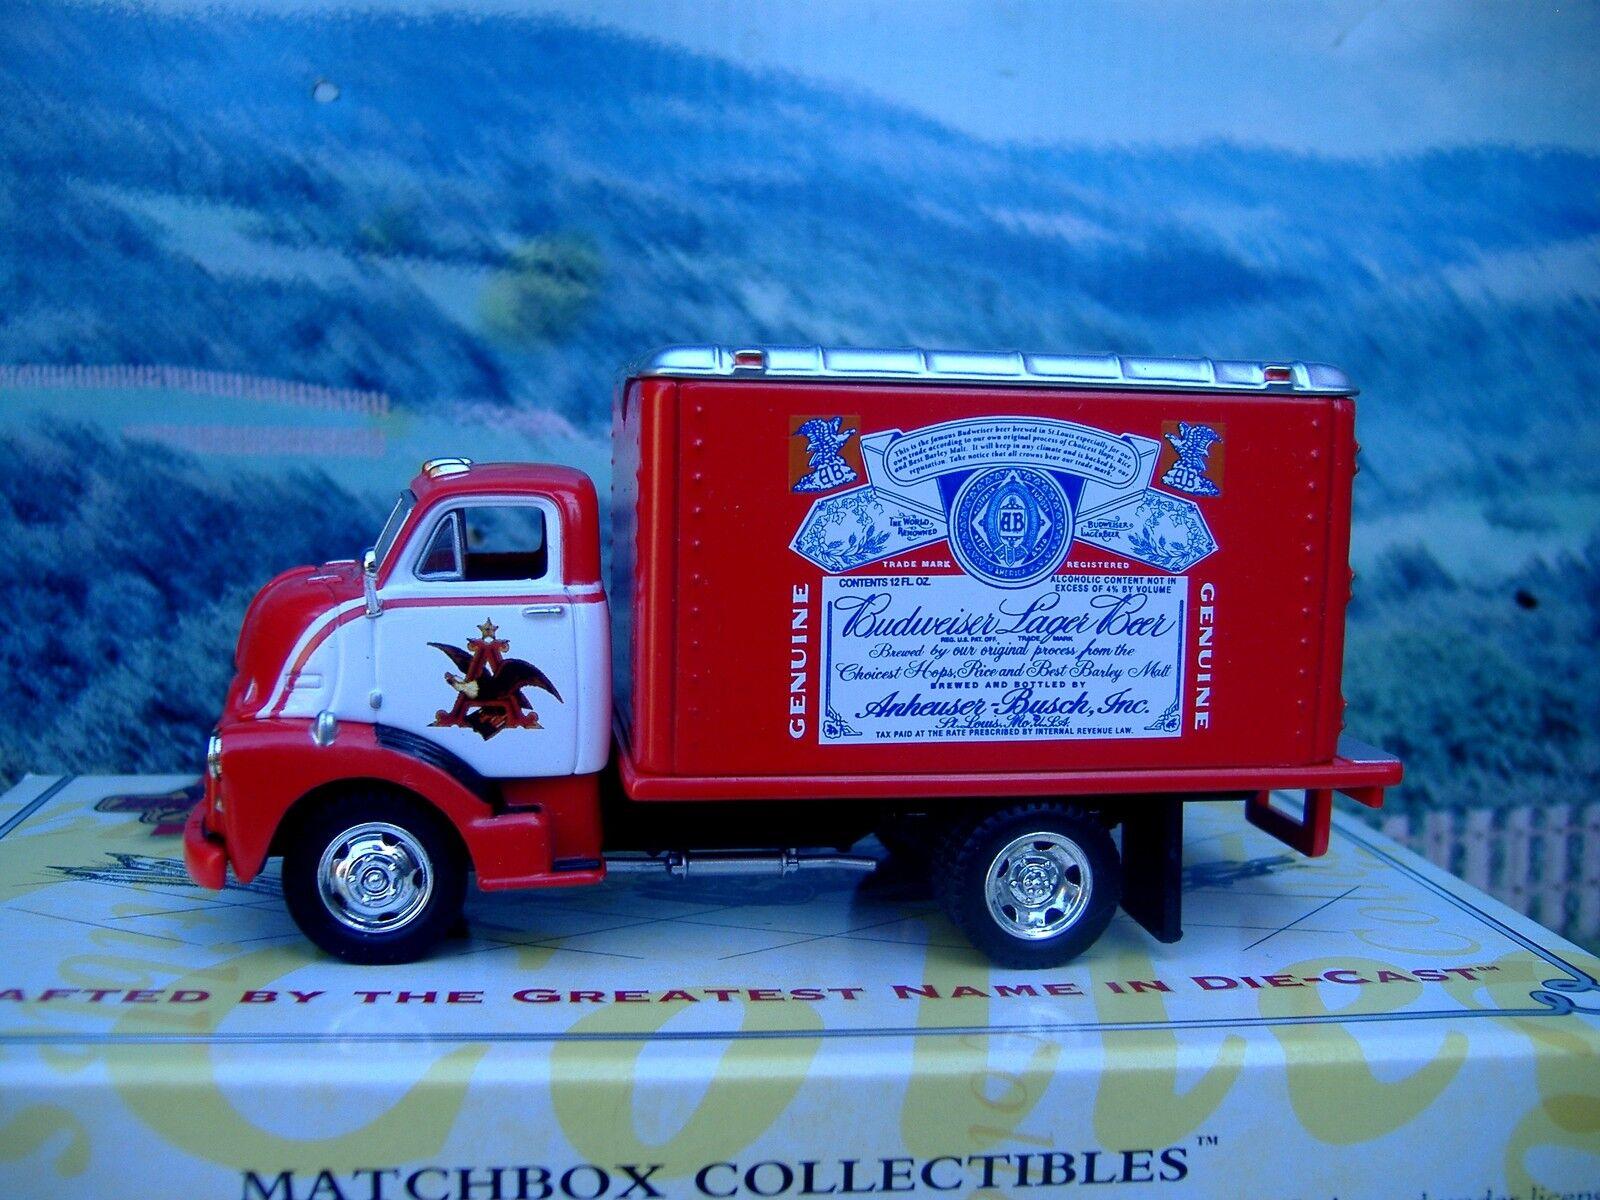 minorista de fitness Matchbox Collectibles GMC C.O.E C.O.E C.O.E 1948 Budweiser  punto de venta en línea